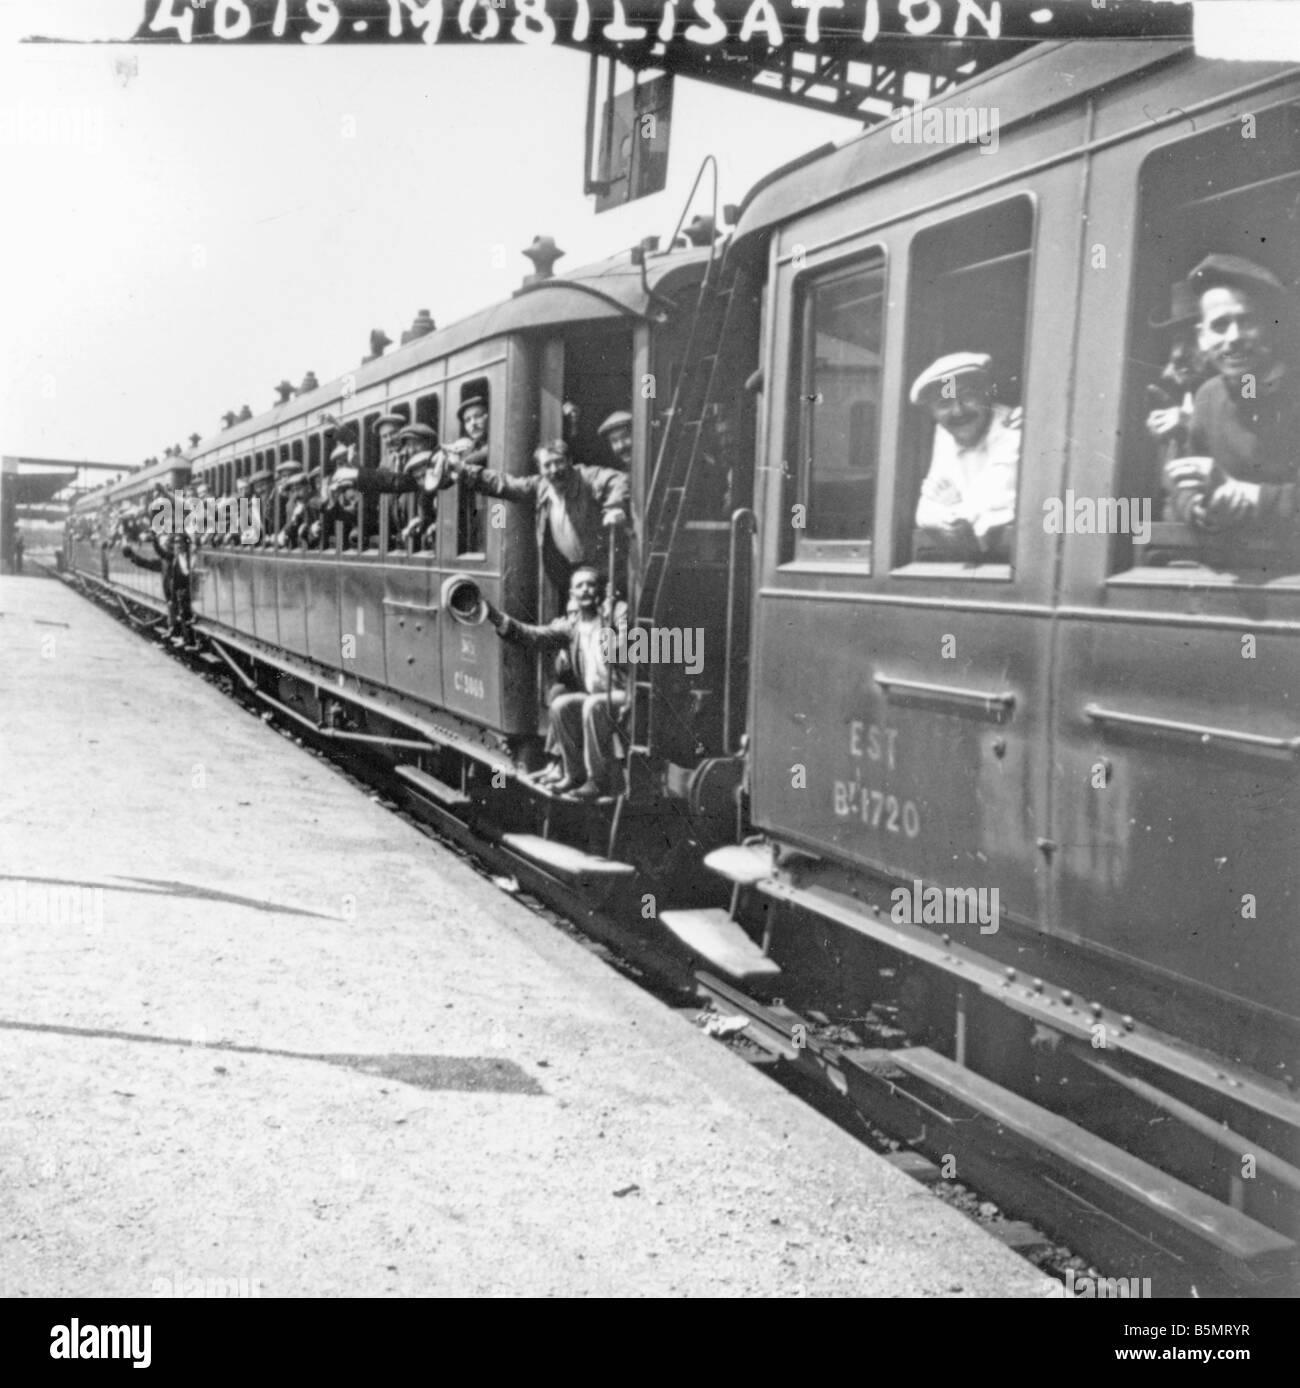 9FK 1914 8 2 A1 2 Fr mobilisation 1914 Troop transport World War 1 Outbreak of war Mobilisation on 2nd August 1914 - Stock Image